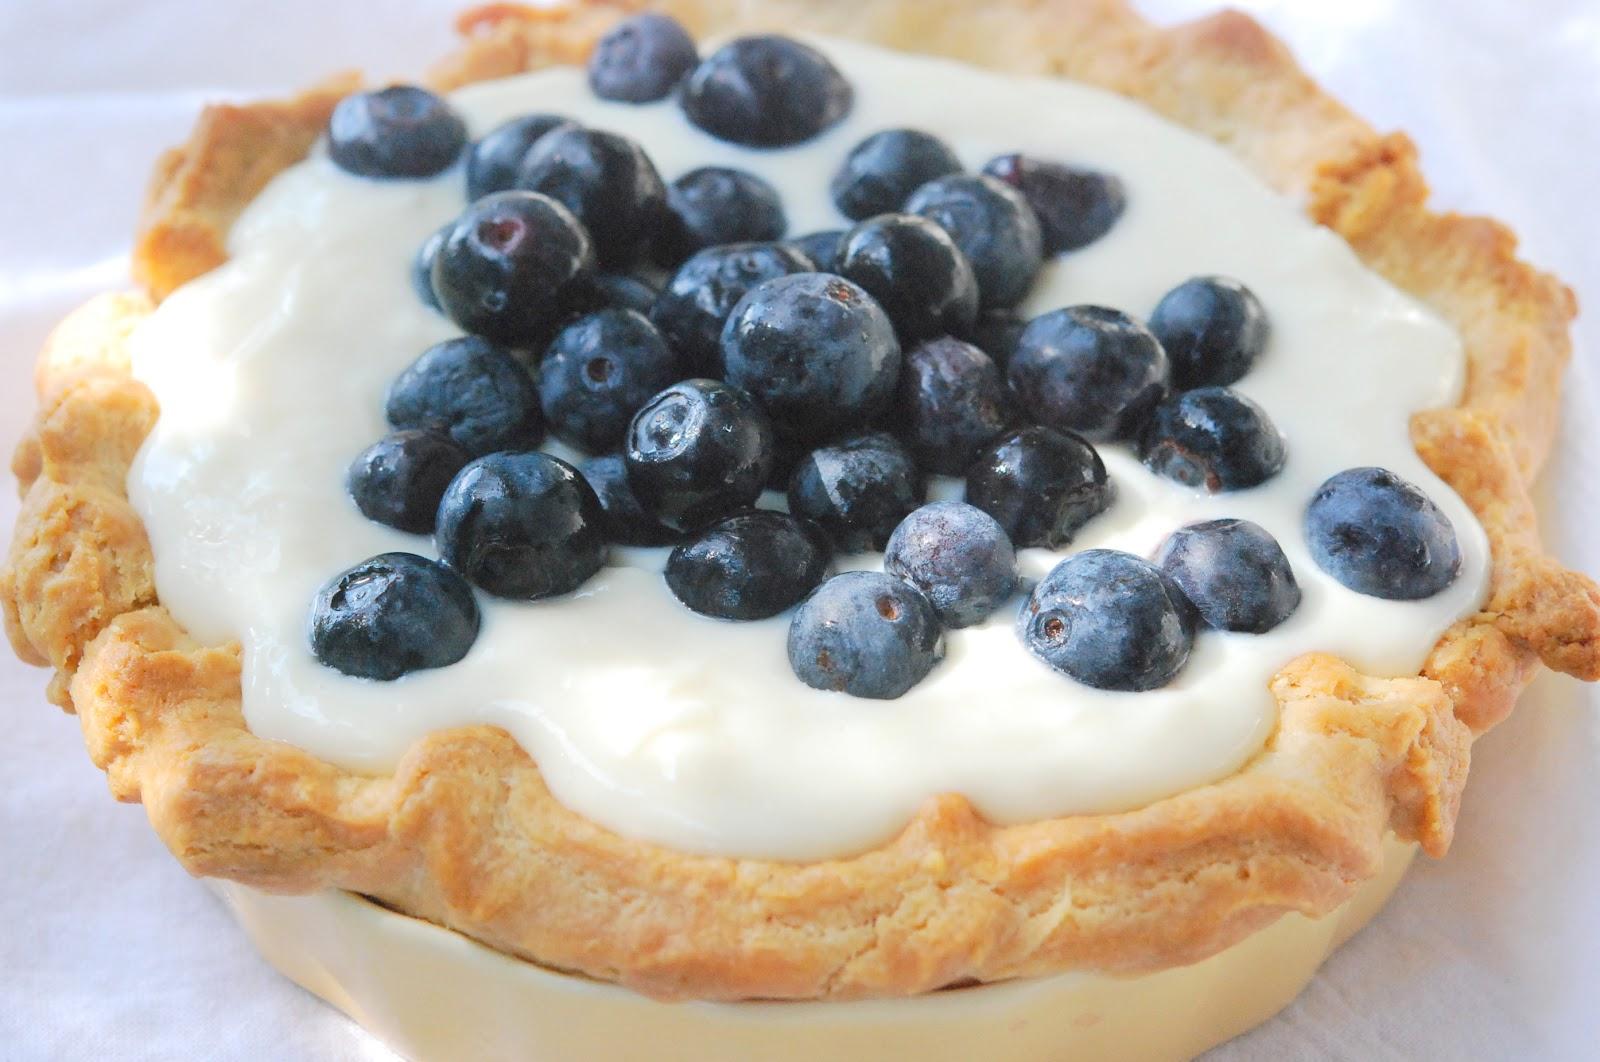 ... lemon tart lemon yogurt snack cake prev reece s peanut butter no bake